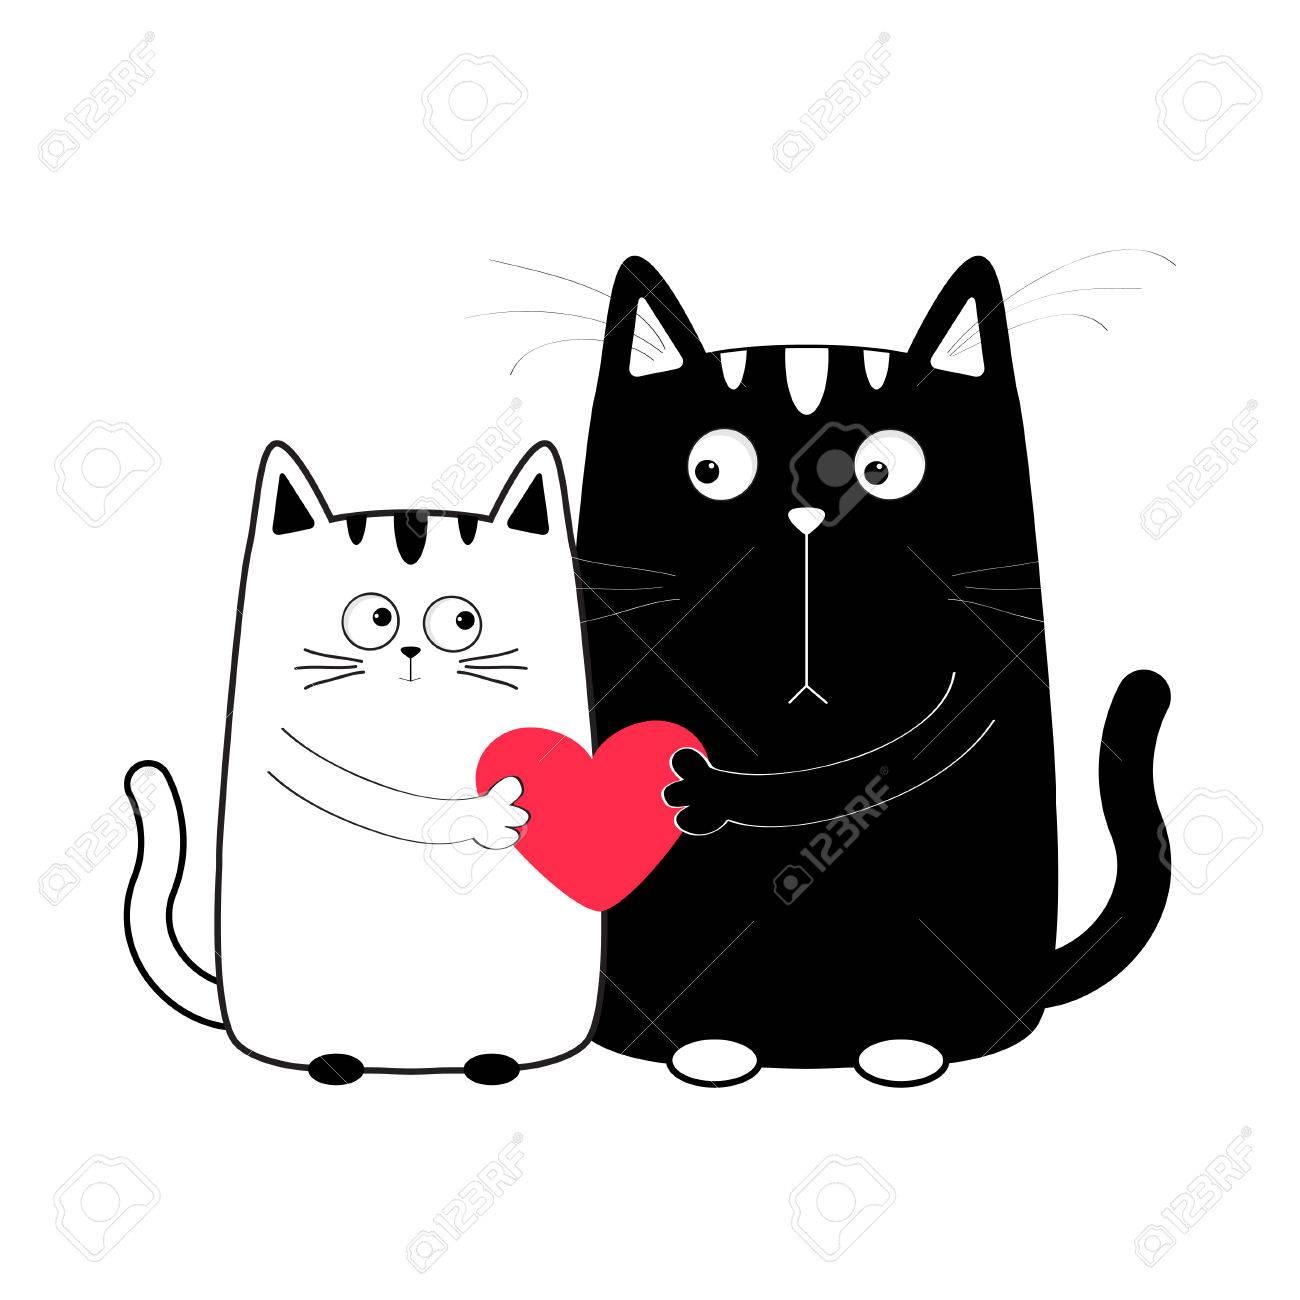 Negro De Dibujos Animados Chico Lindo Gato Blanco Y La Niña Con El